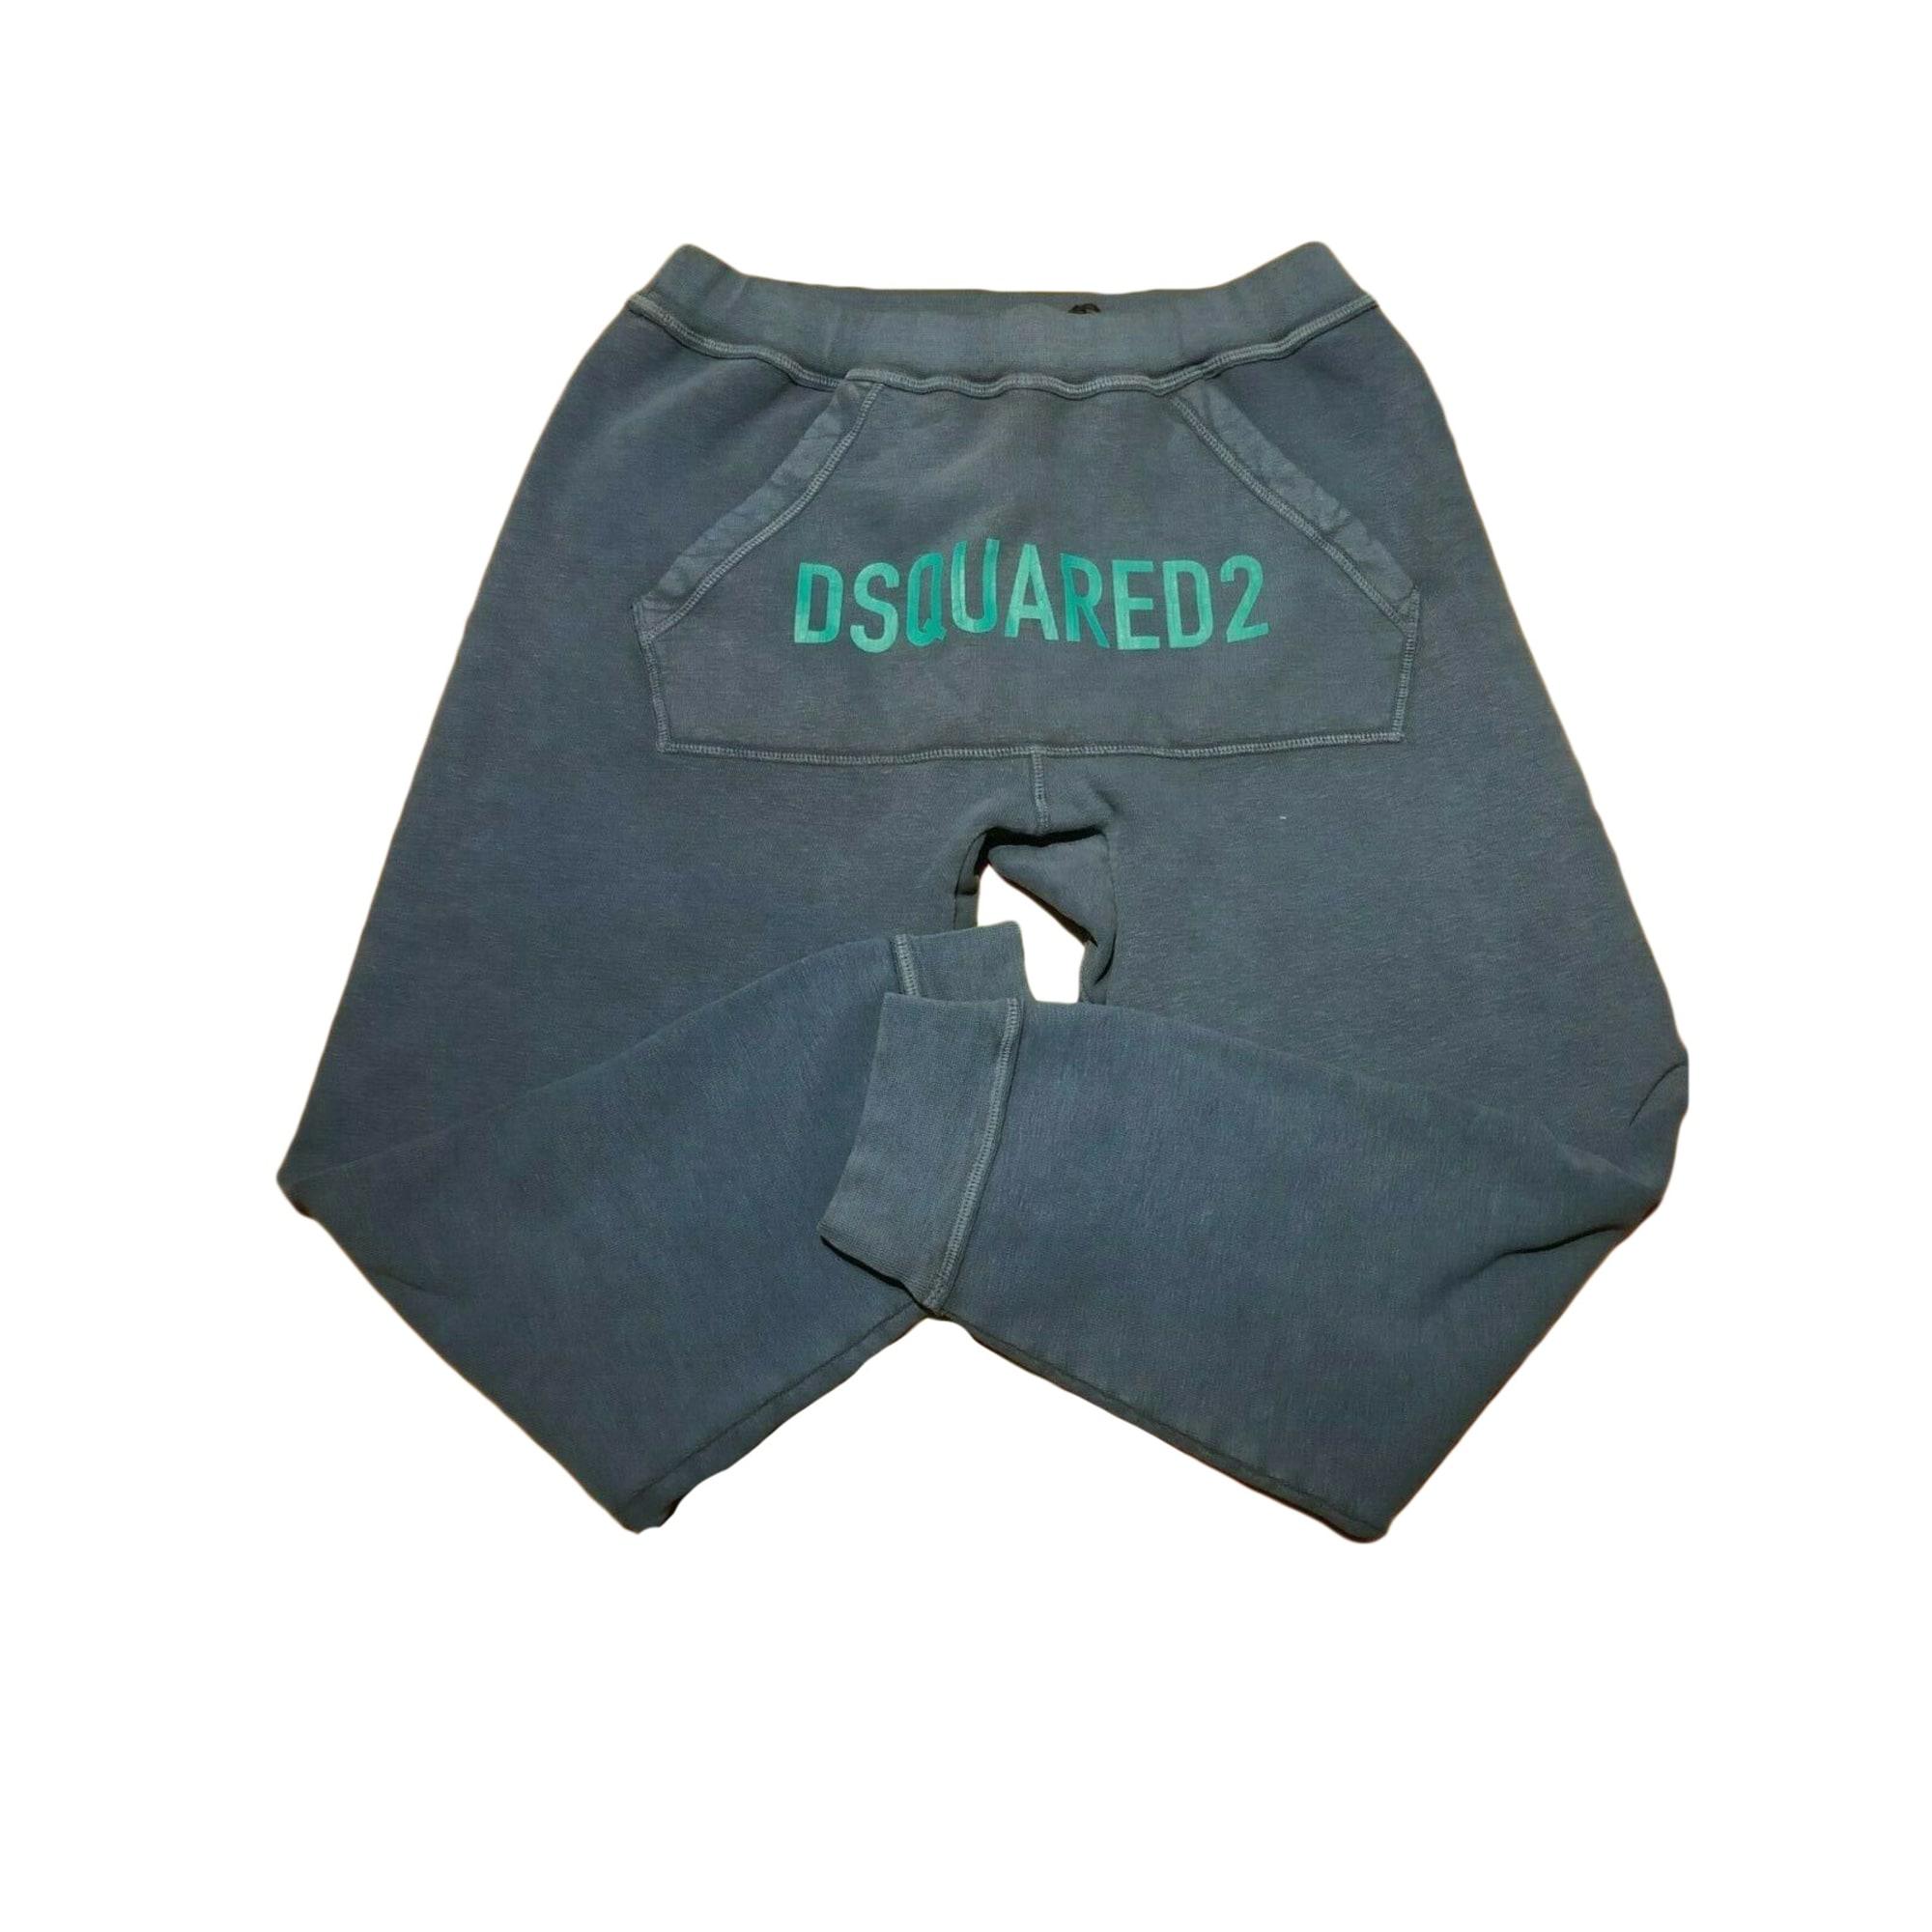 Pantalon slim DSQUARED2 Bleu, bleu marine, bleu turquoise